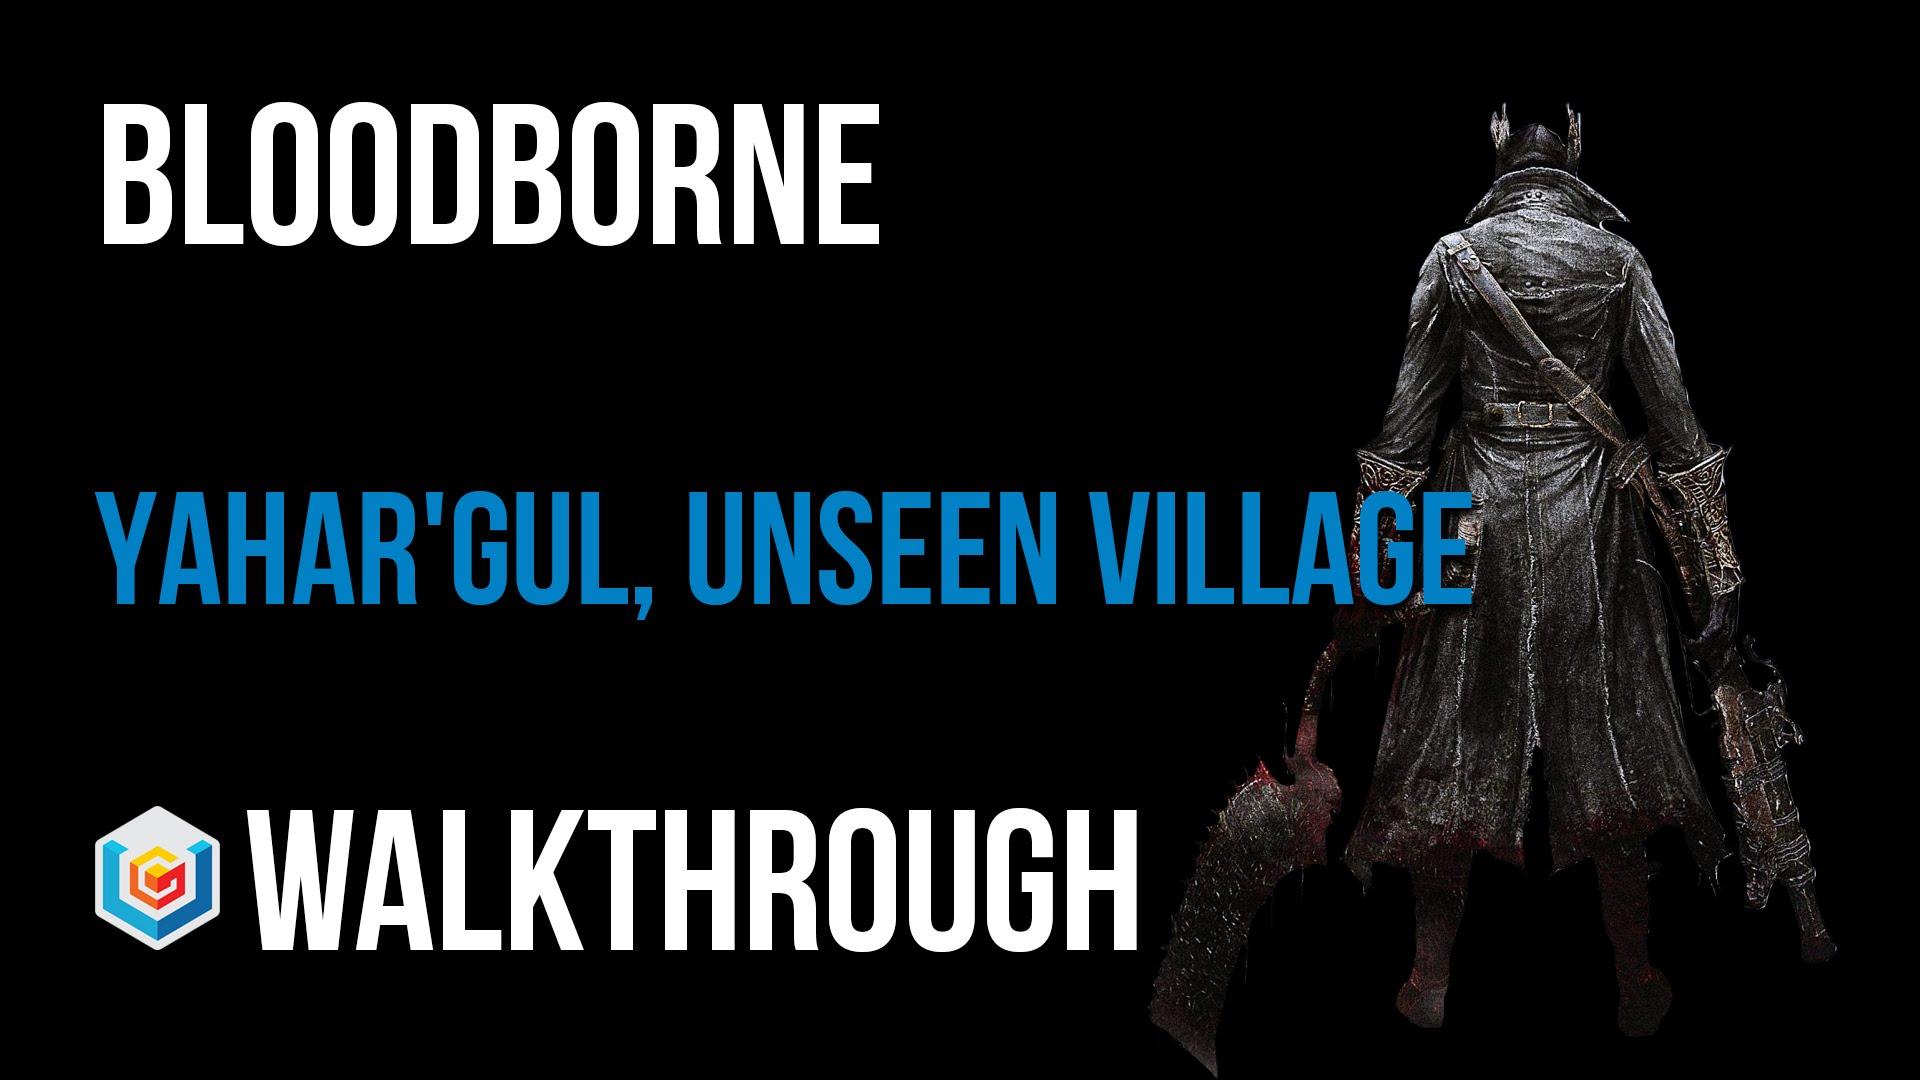 Yahar'gul, The Unseen Village - Underground Jail ...